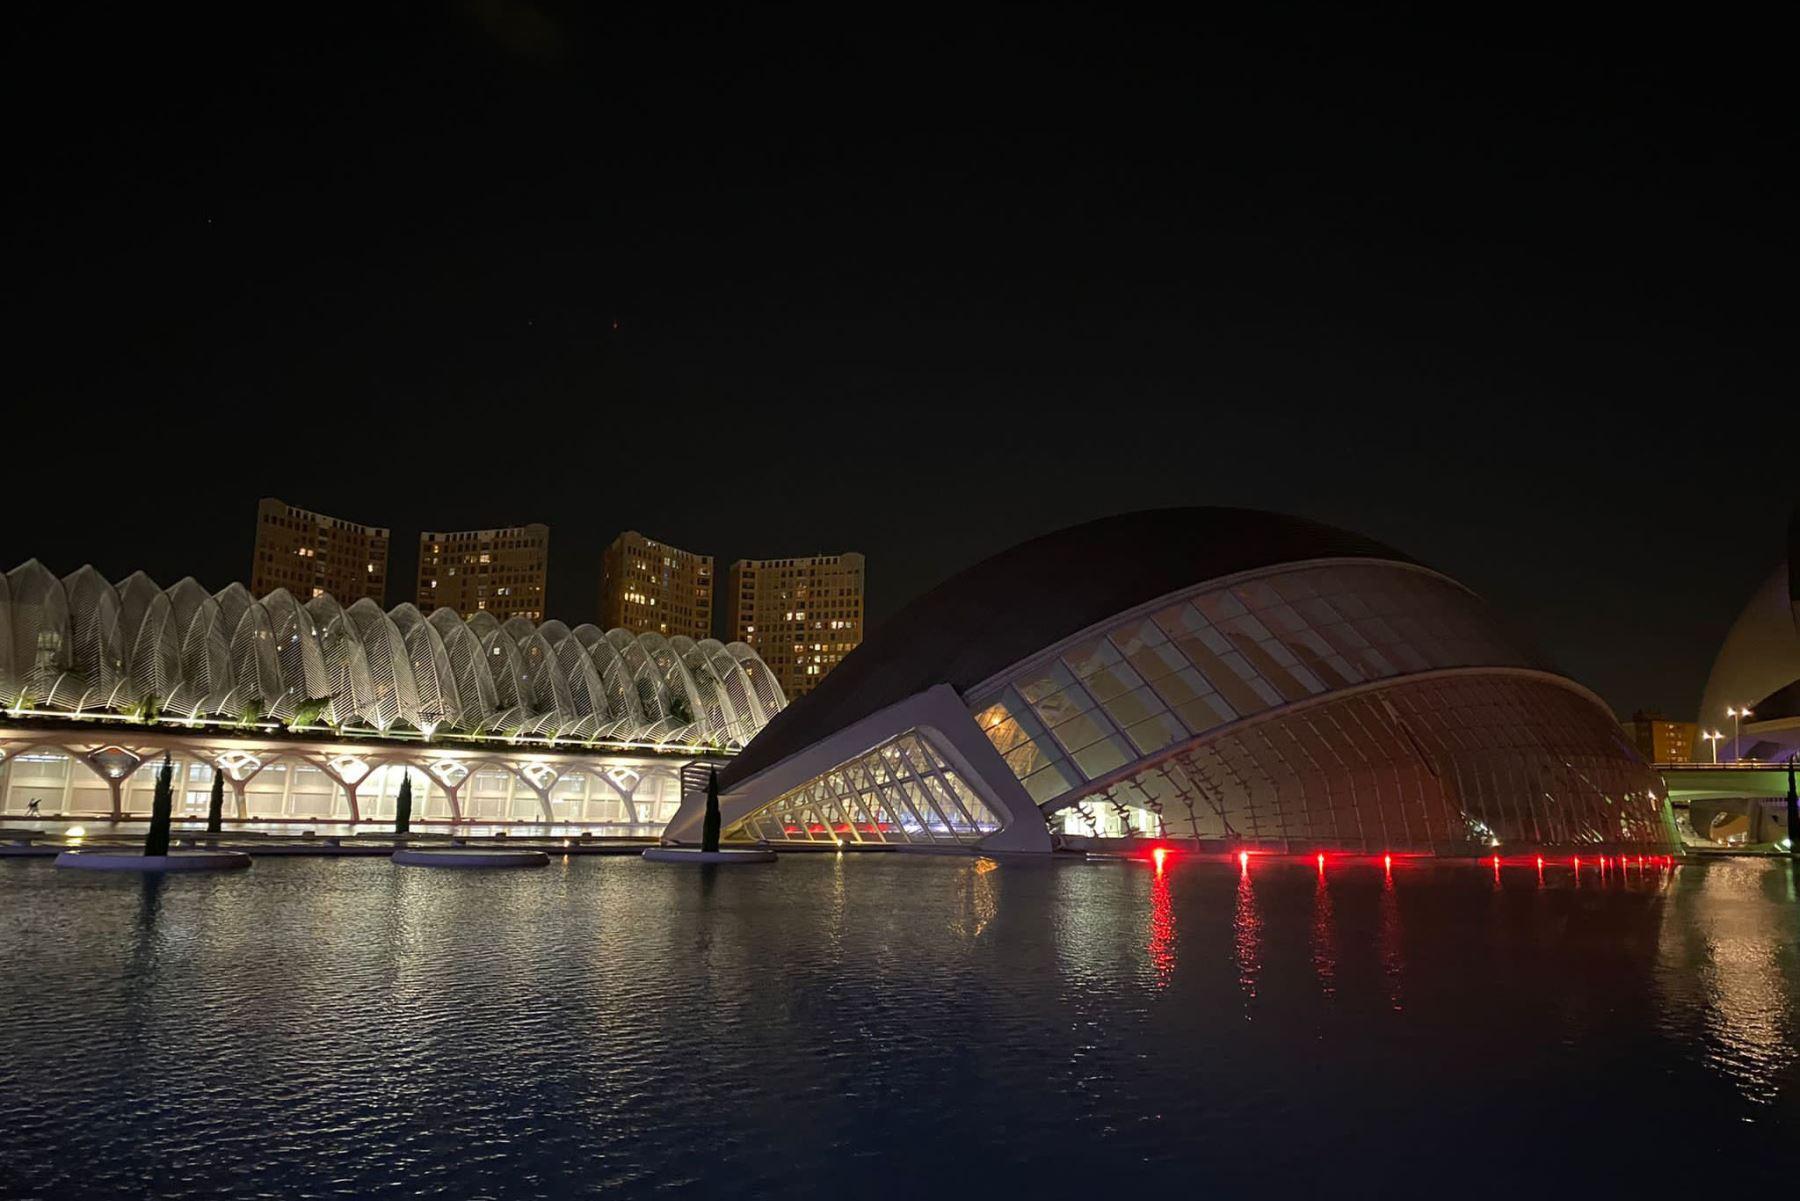 """La emblemática """"Ciutat de les Arts i les Ciències"""" de Valencia, España, se ilumina el 28 de julio con los colores del Perú en el marco de la celebración del Bicentenario de Perú.  Foto:@Consul_Valencia"""